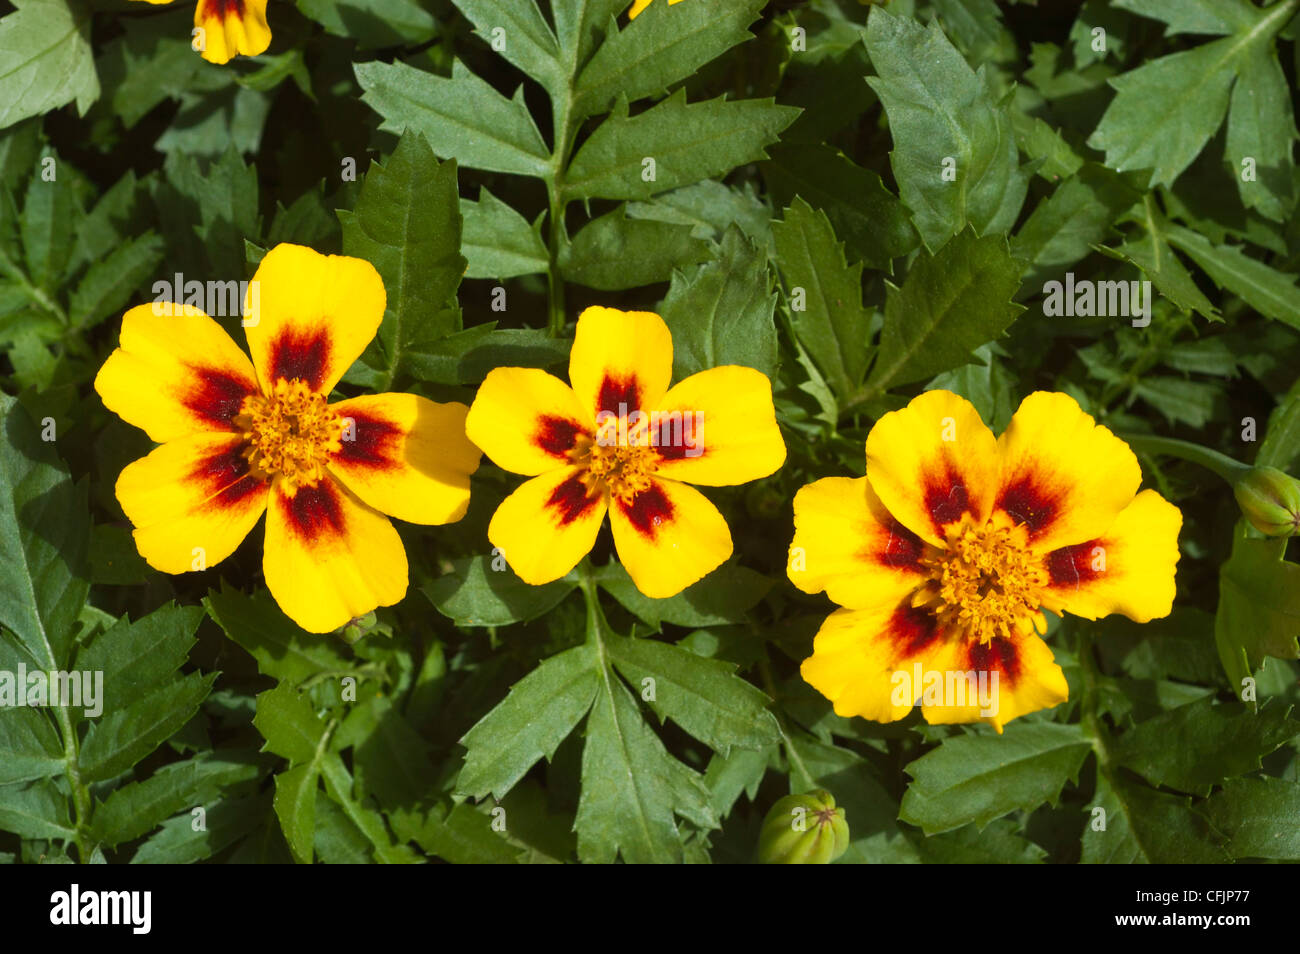 Amarillo marrón tres flores de caléndula discoteca Granada, Tagetes patula, francés Imagen De Stock